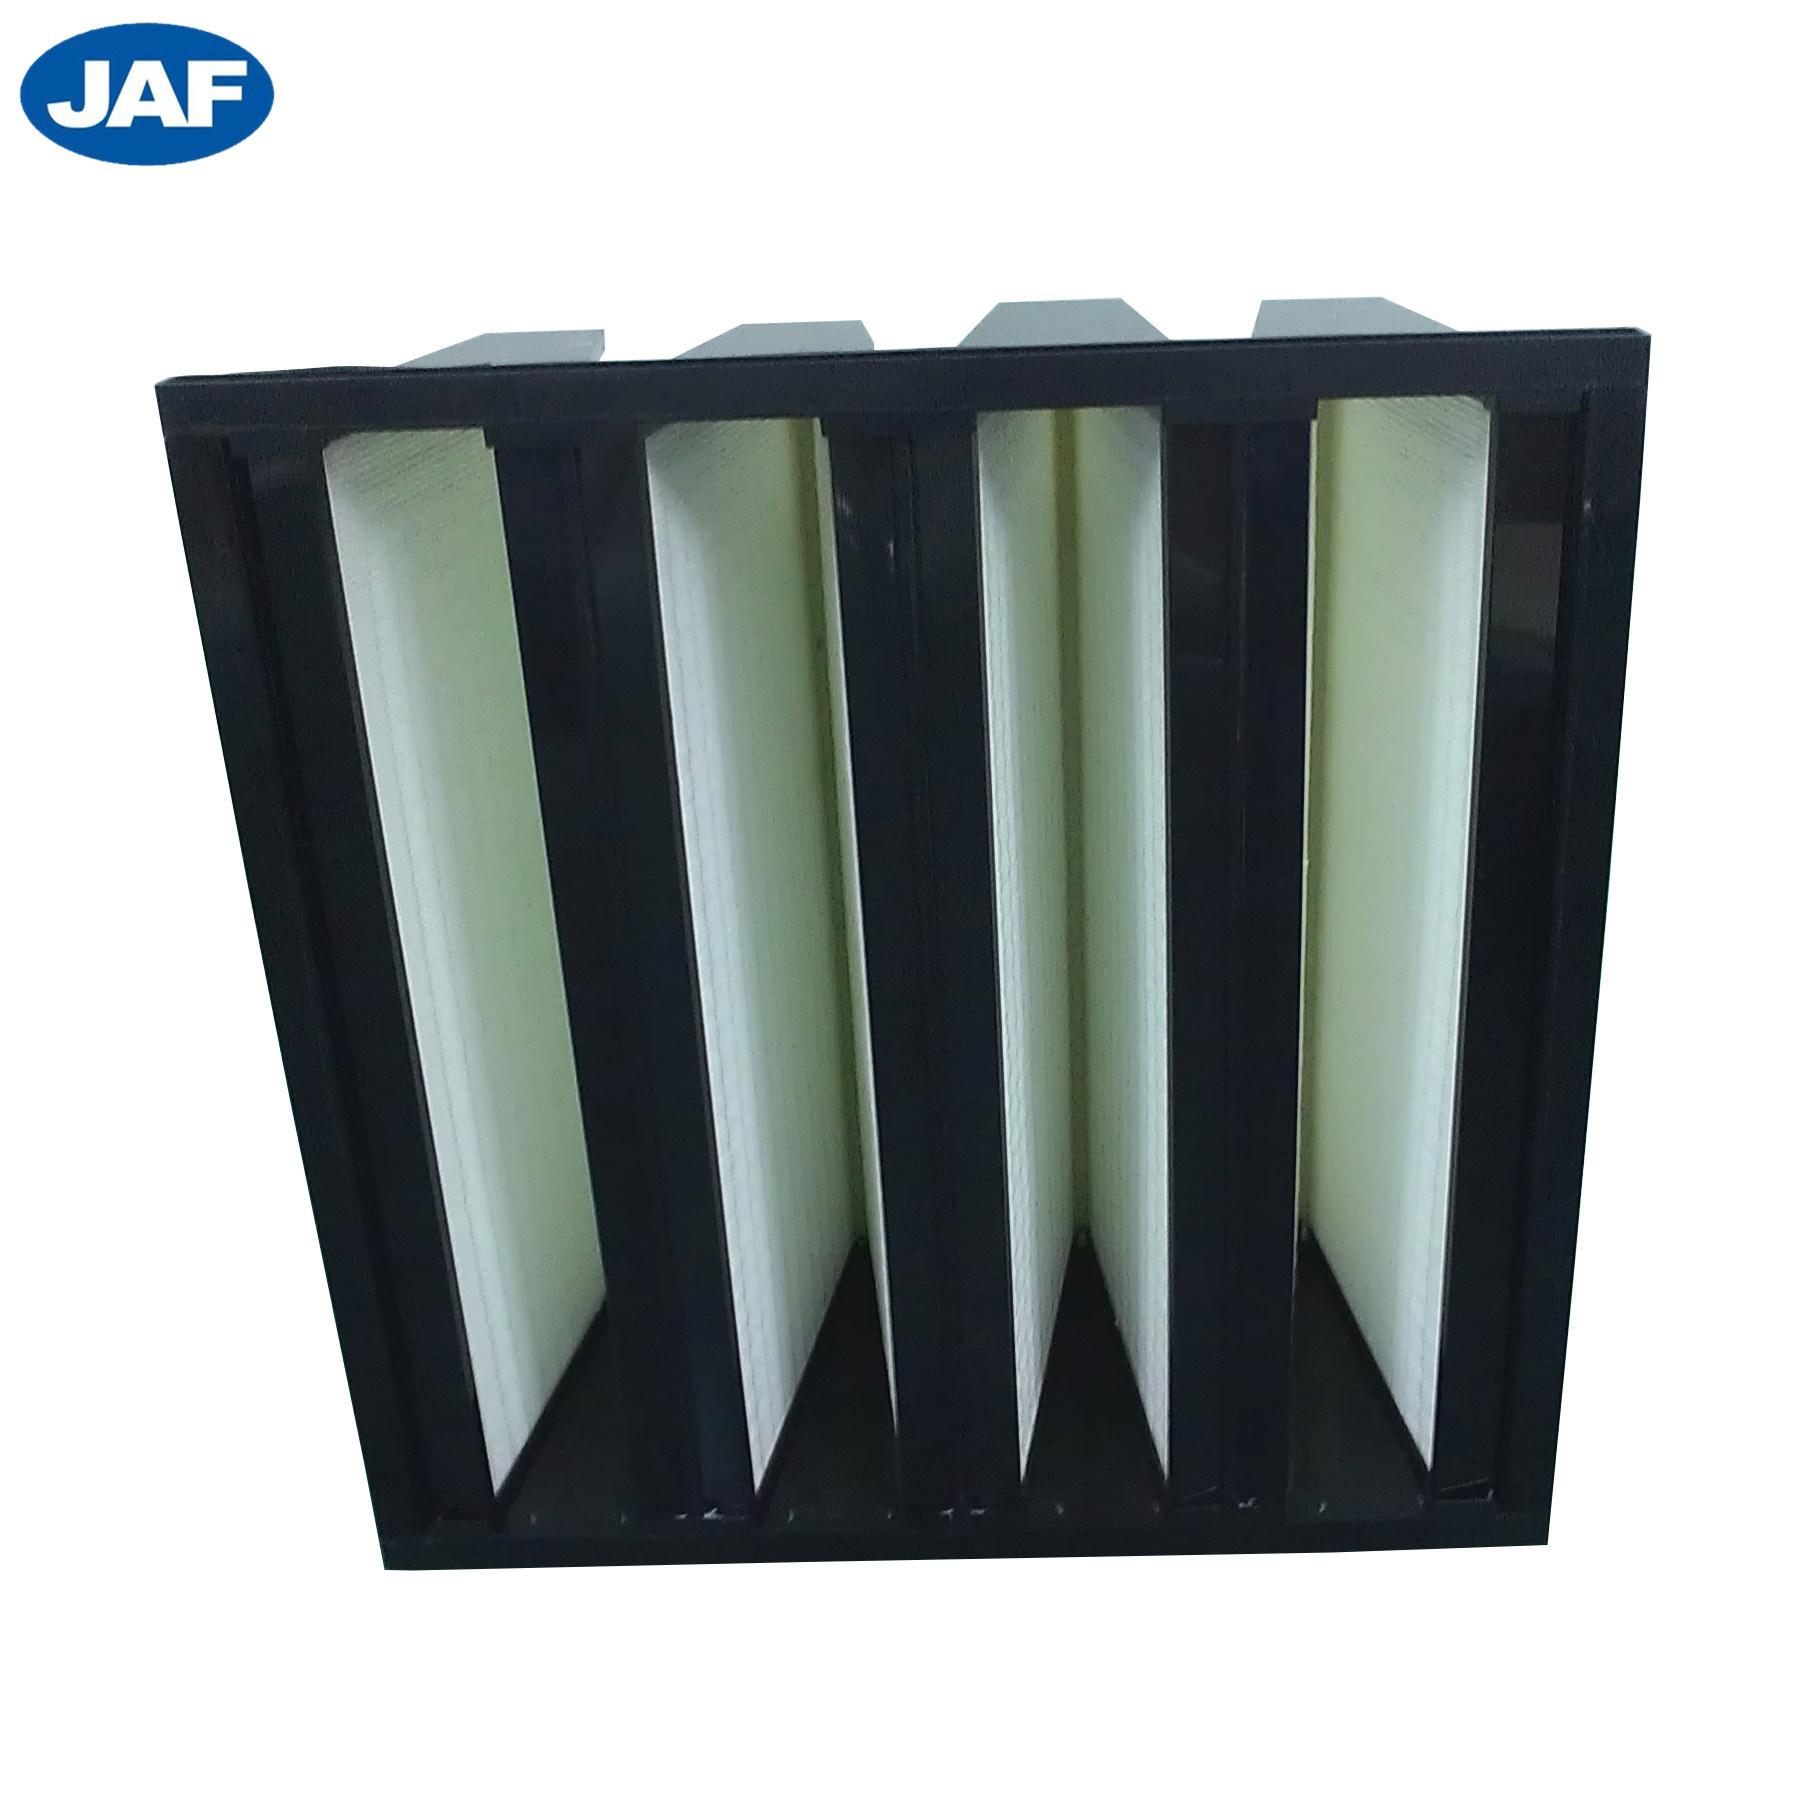 中国工場価格 V バンクプラスチックフレームコンパクトエアフィルタ